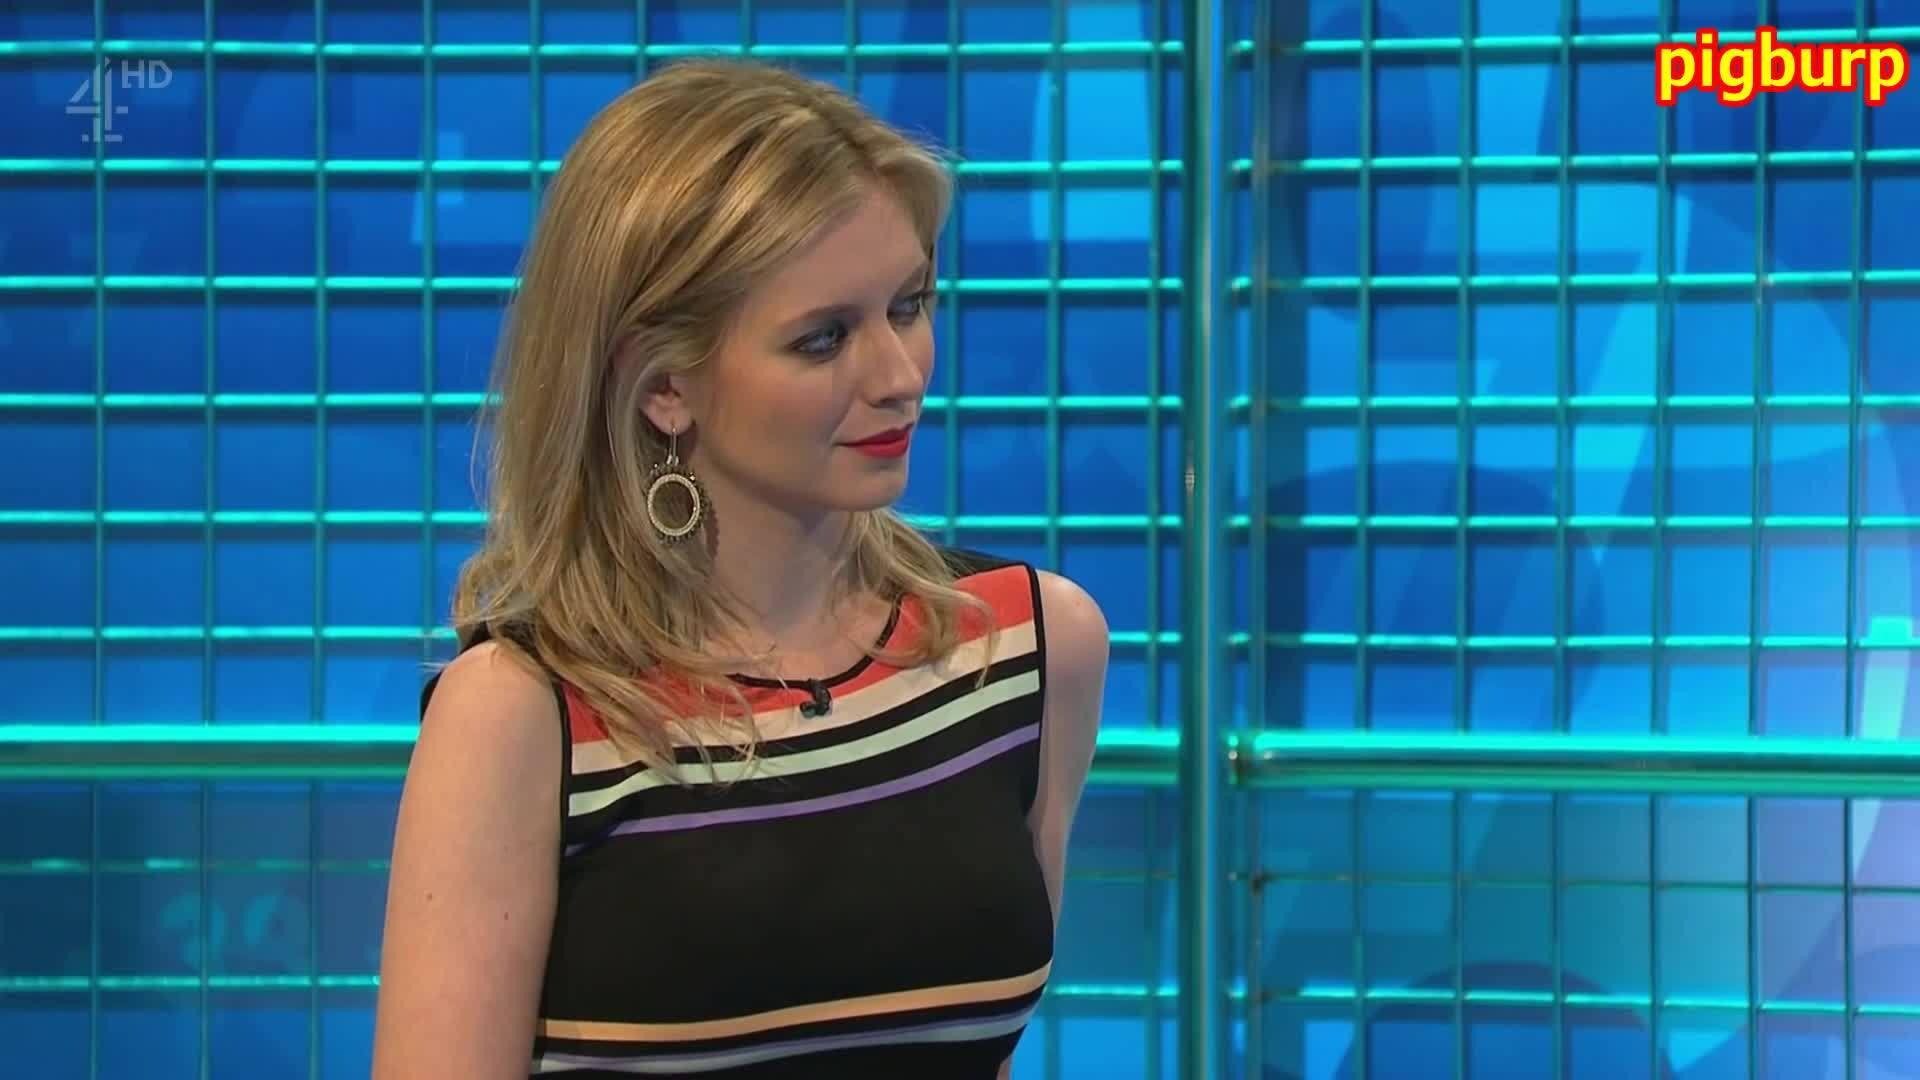 rachel riley, rachelriley, sexy, Rachel Riley   Sexy Tight Black Dress [FULL HD] GIFs